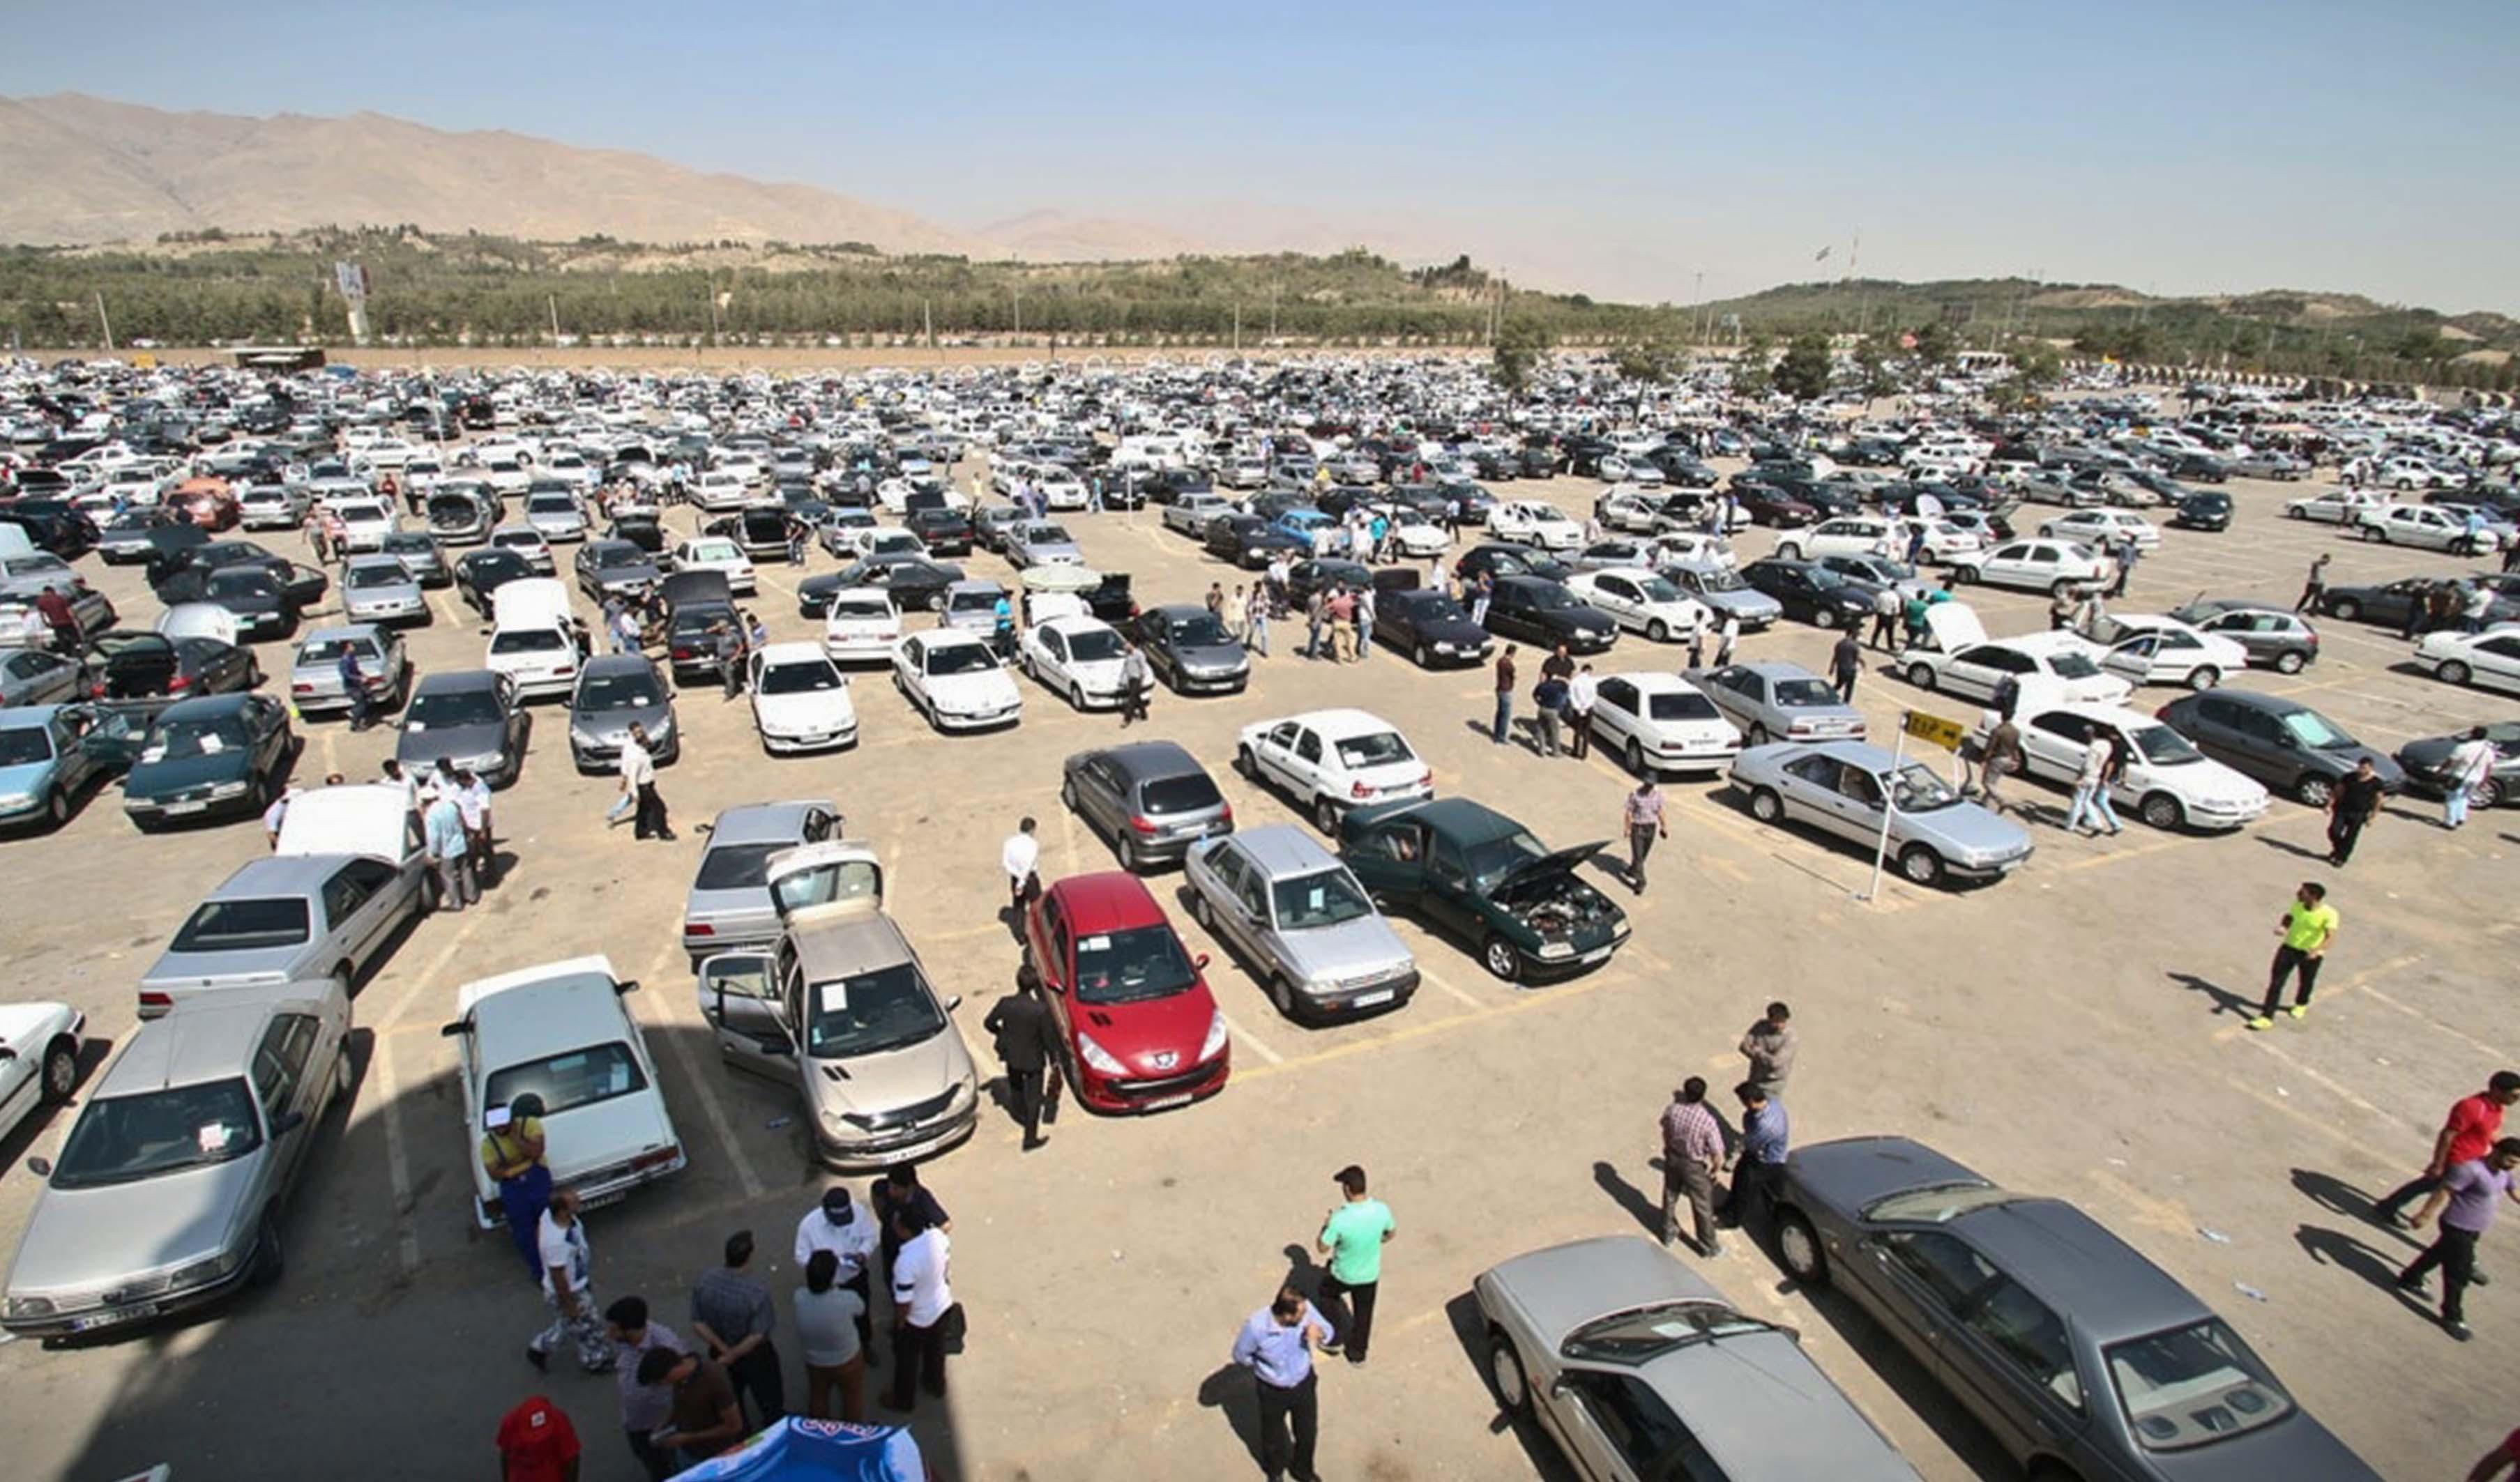 شوک جدید در بازار خودرو/ چه کسانی قیمت خودرو را تعیین میکنند؟